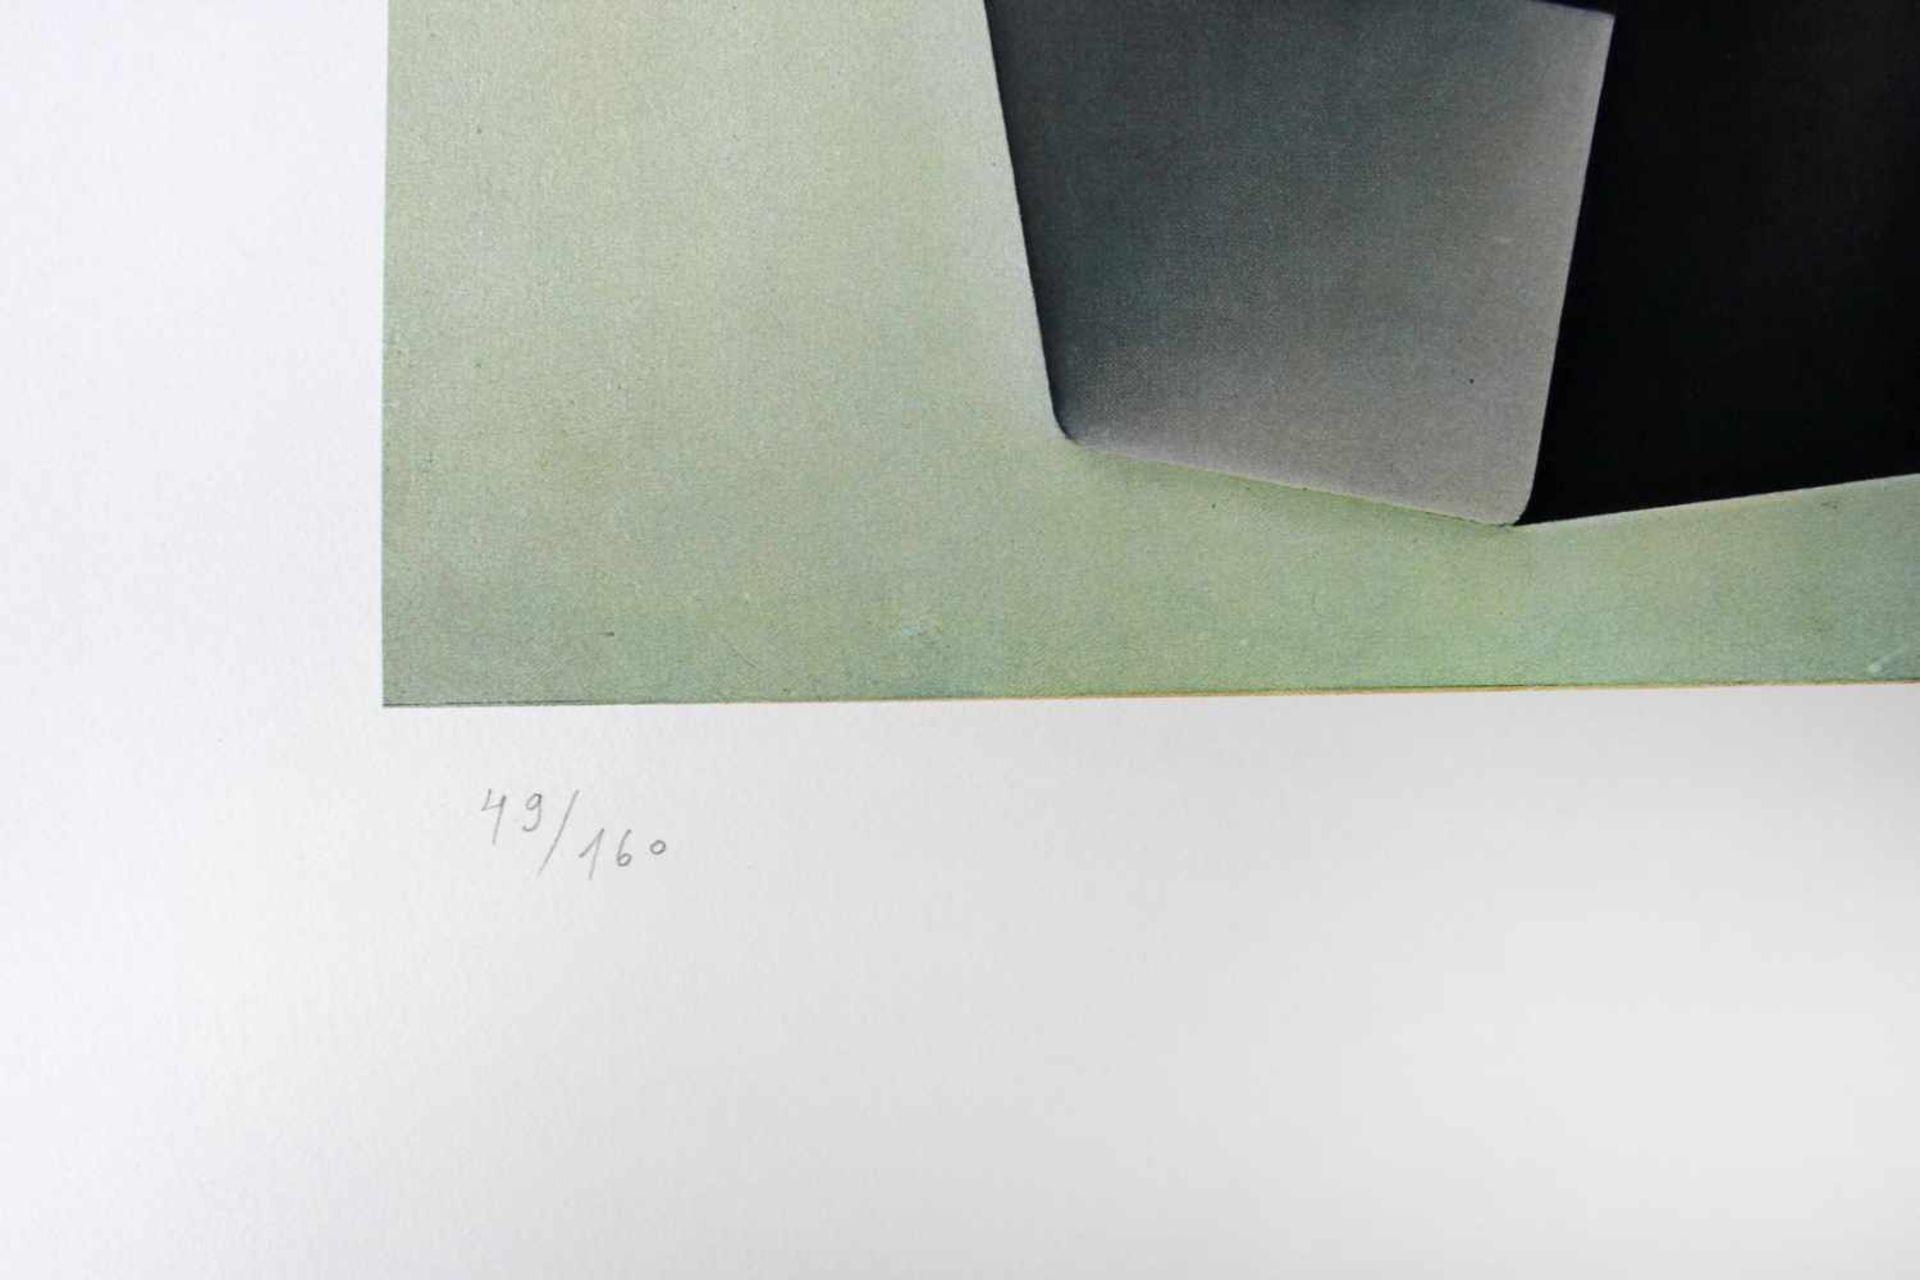 Konrad Klapheck geb. 1935 Bügeleisen / Dragon du foyer 1980 Farblithographie handsigniert und - Bild 4 aus 4